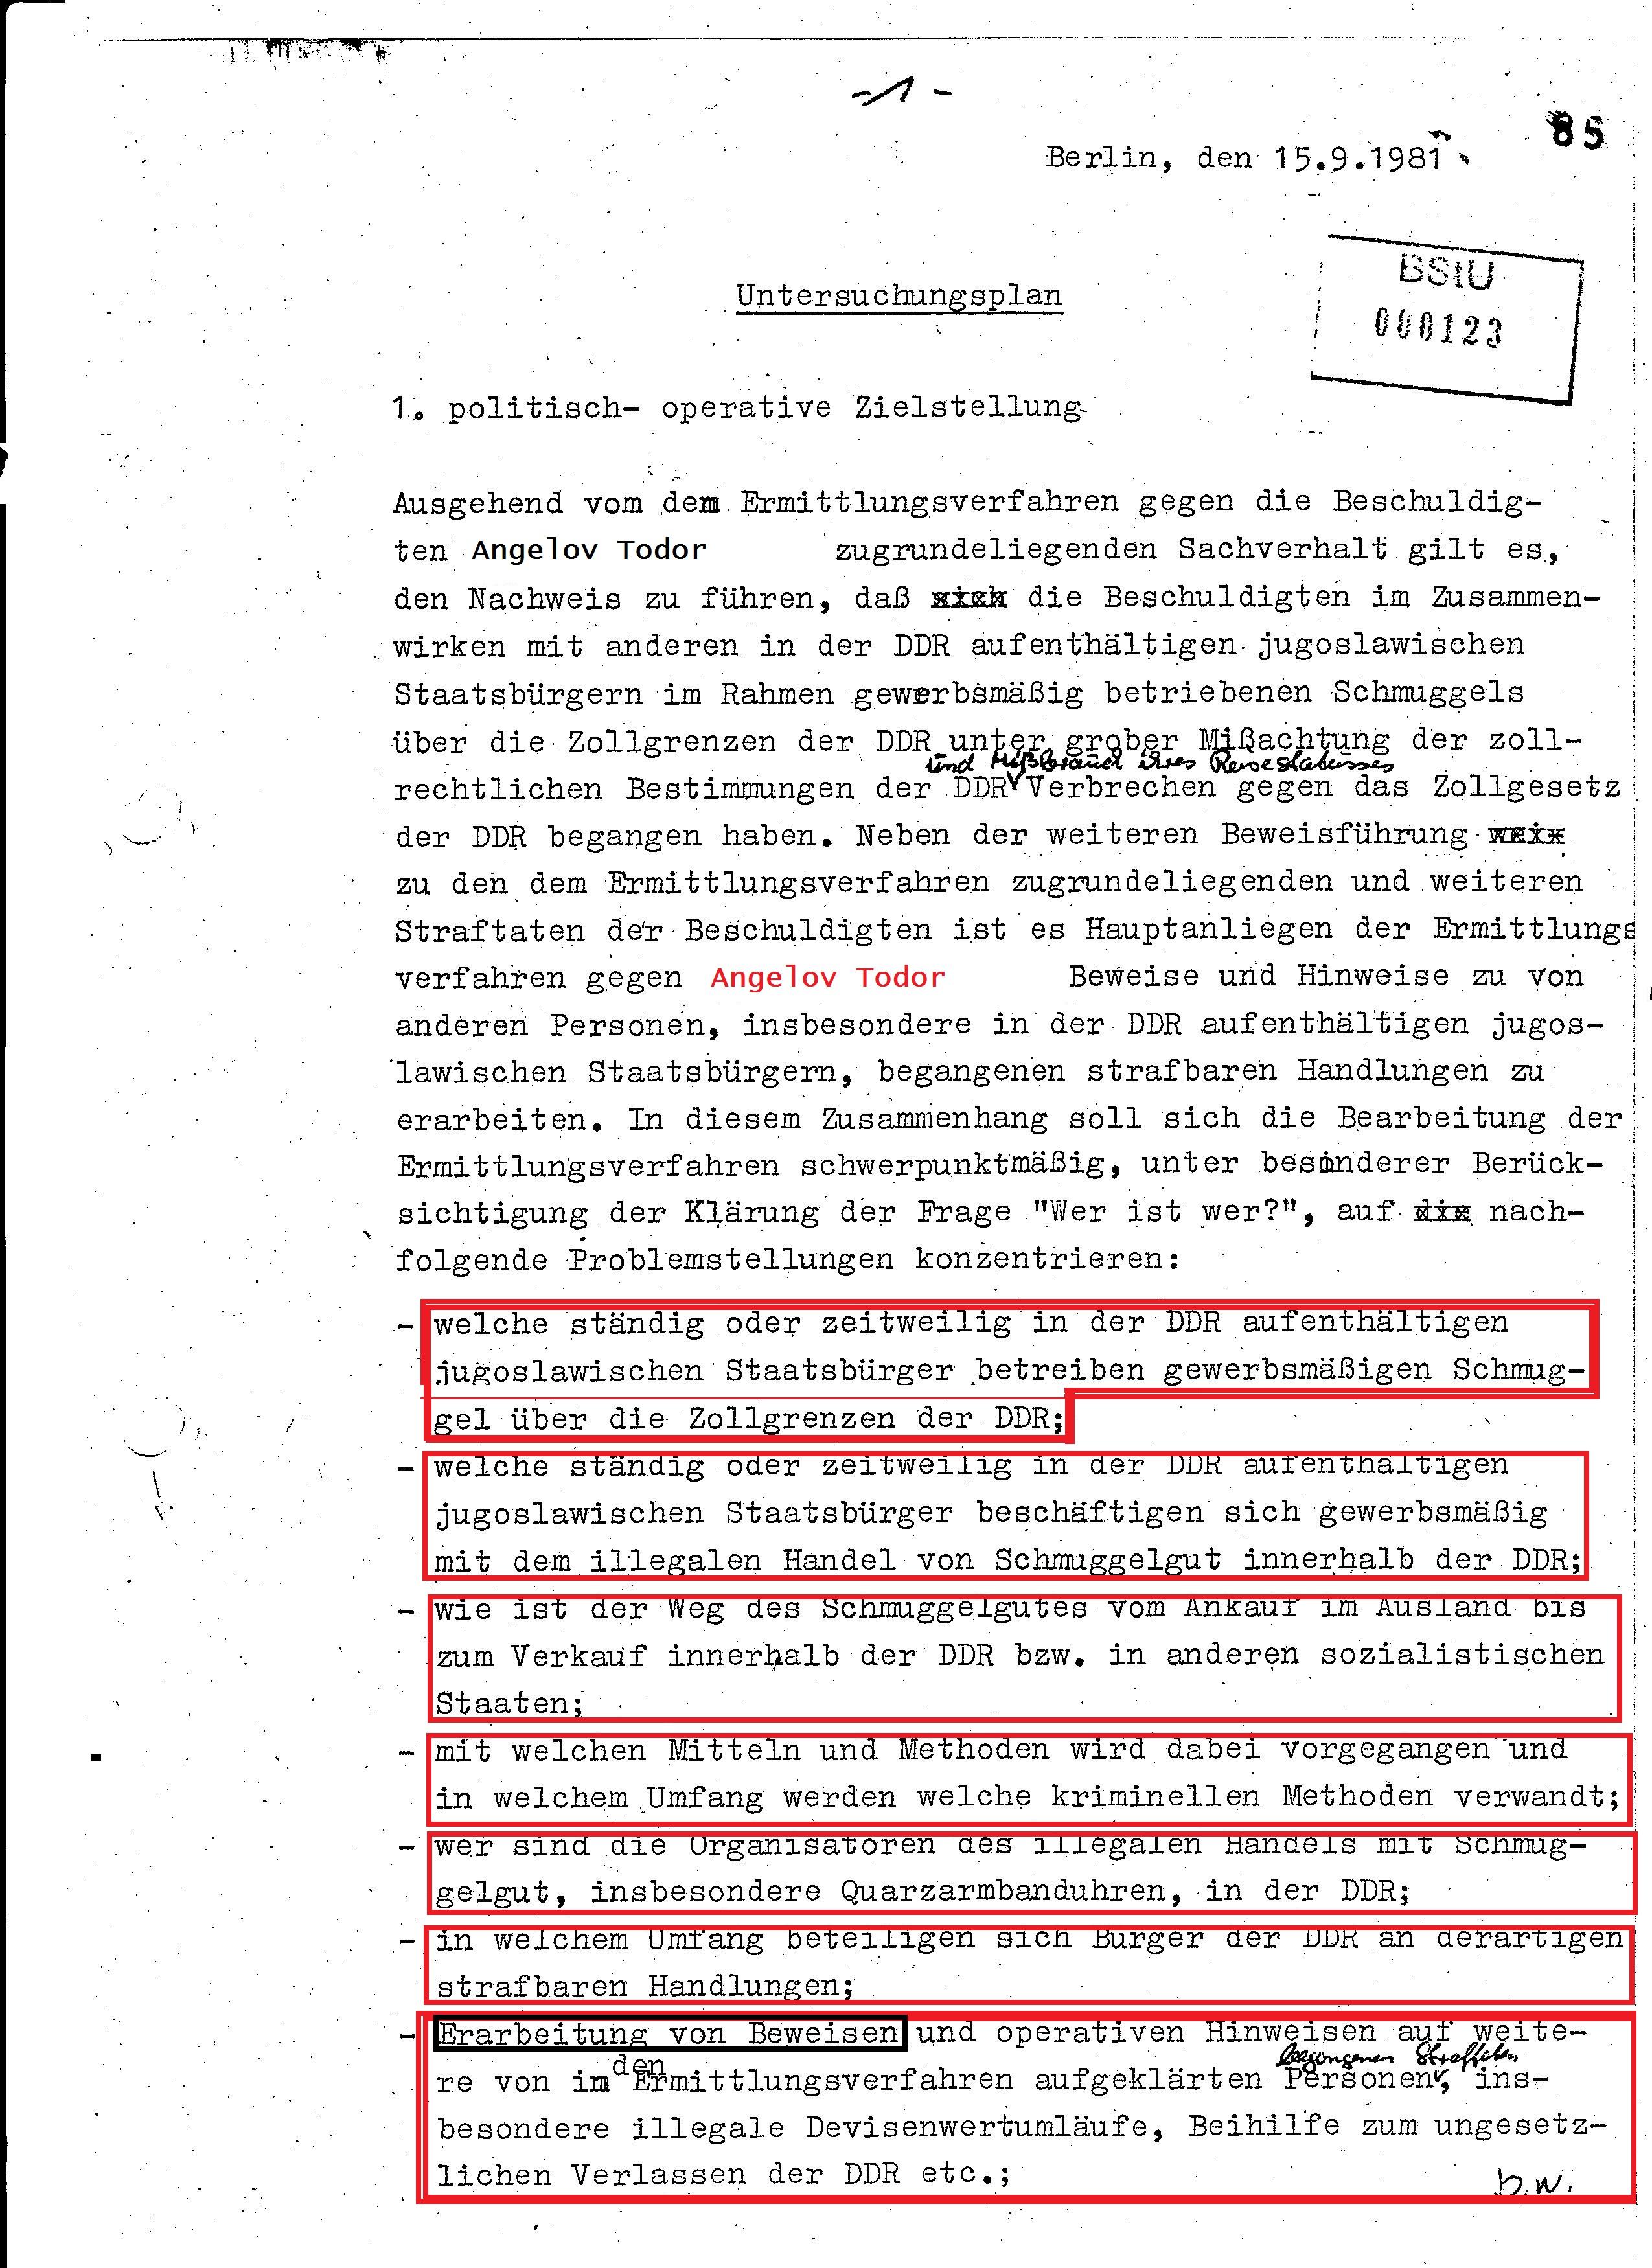 Erarbeitung von Beweisen und operativen Hinweisen auf weitere von den Ermittlungsverfahren aufgeklärten Personen begangene Straftaten, insbesondere Devisenwertumläufe, beihilfe zum ungesetzlichen Verlassen der DDR etc.